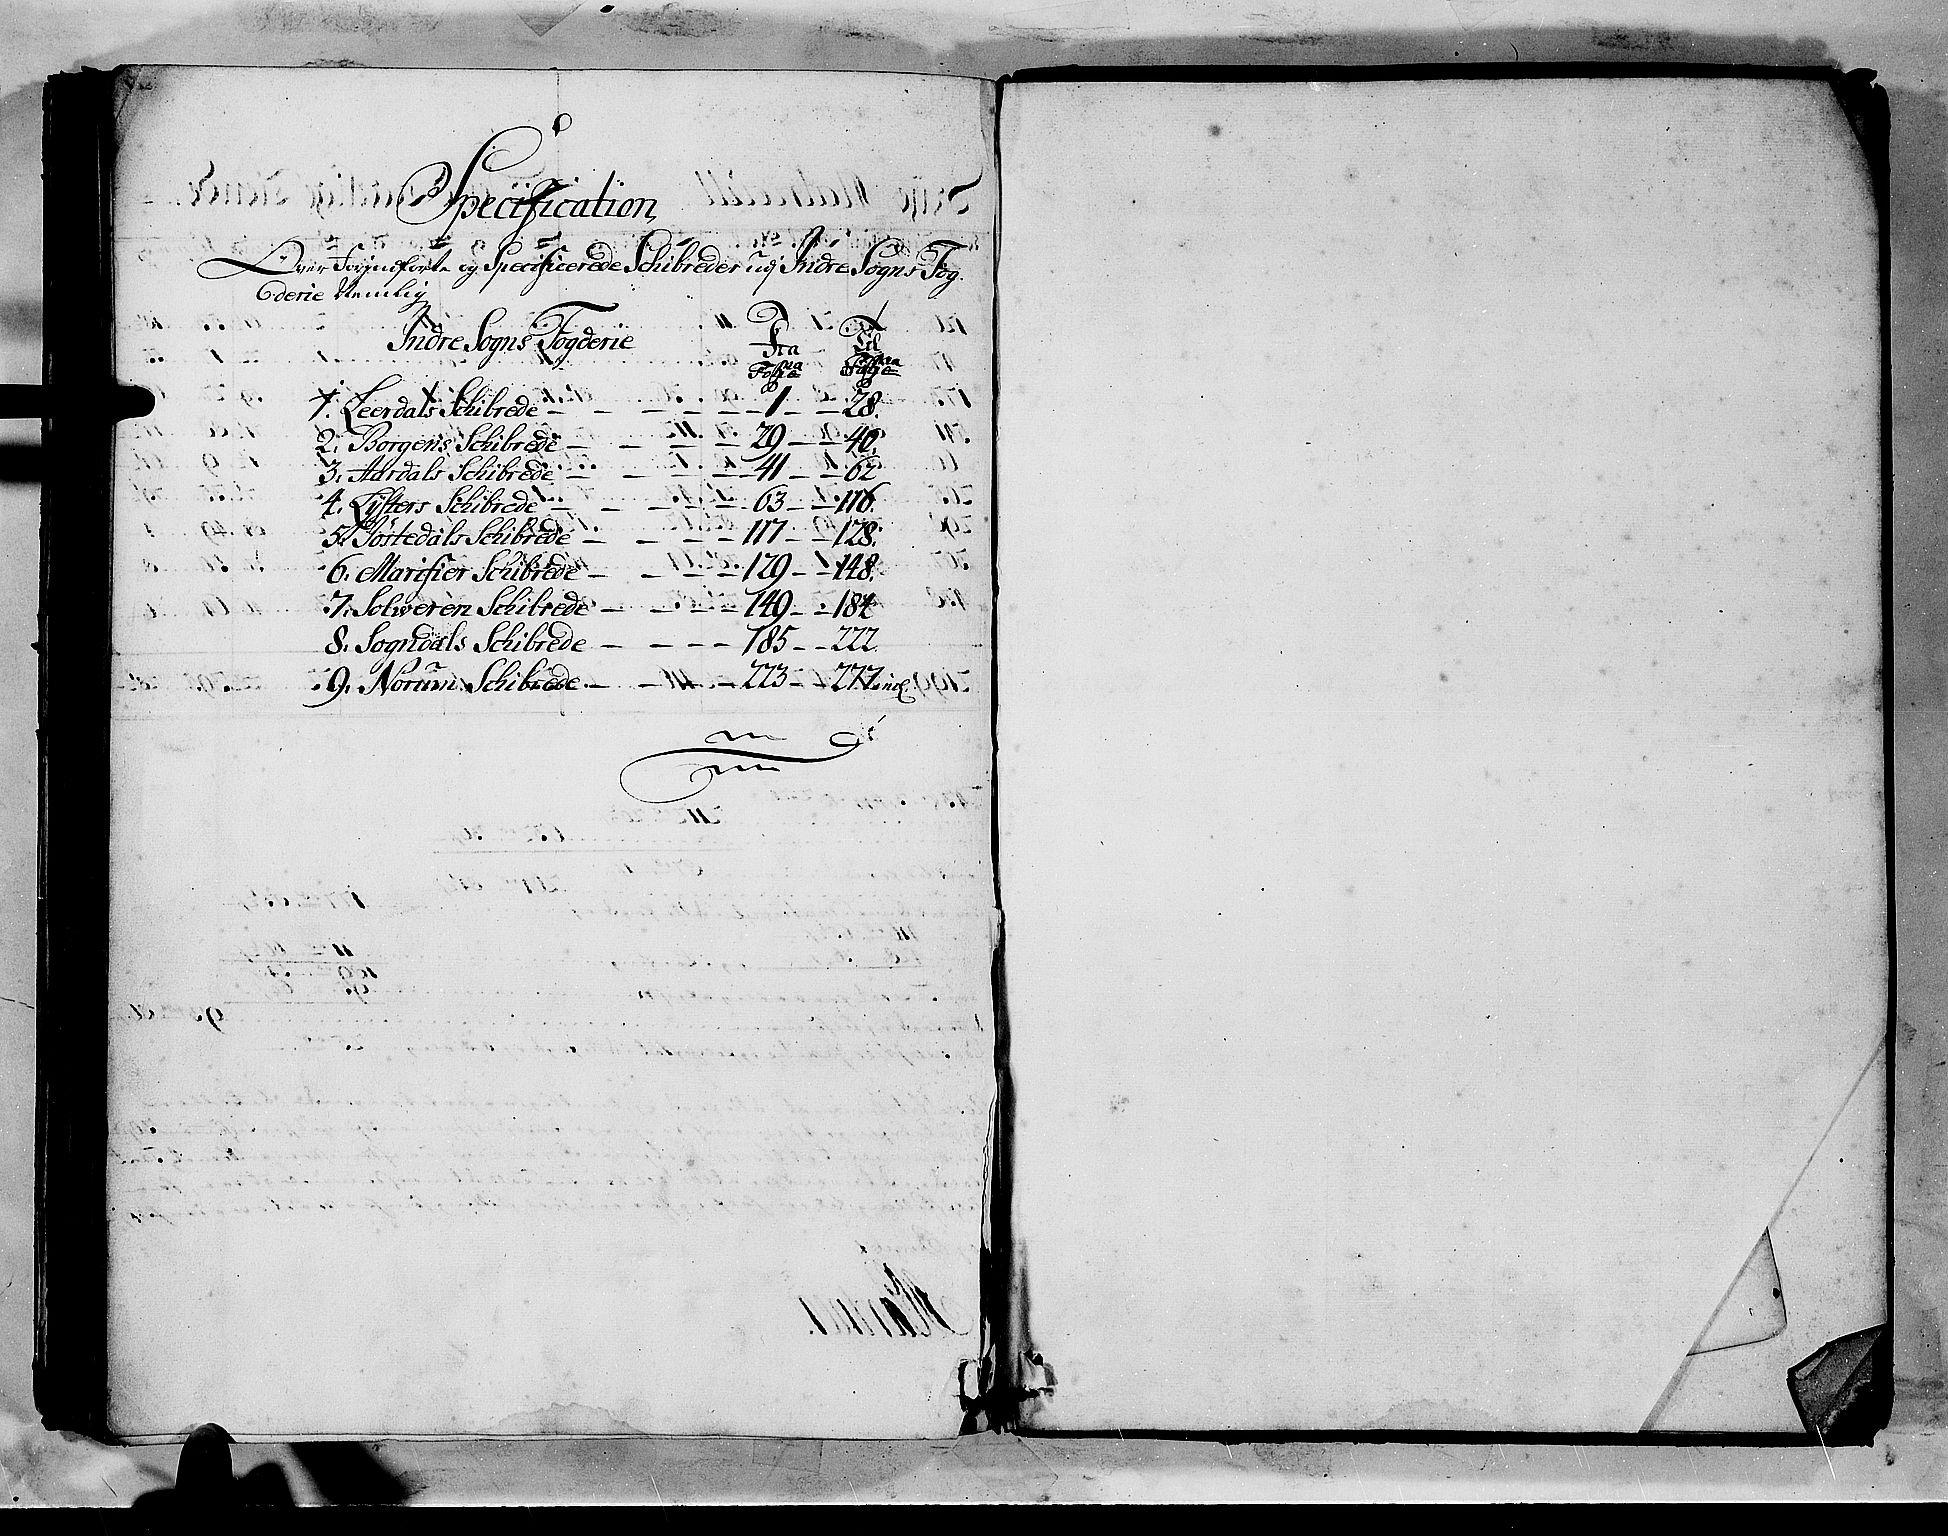 RA, Rentekammeret inntil 1814, Realistisk ordnet avdeling, N/Nb/Nbf/L0144: Indre Sogn matrikkelprotokoll, 1723, s. upaginert